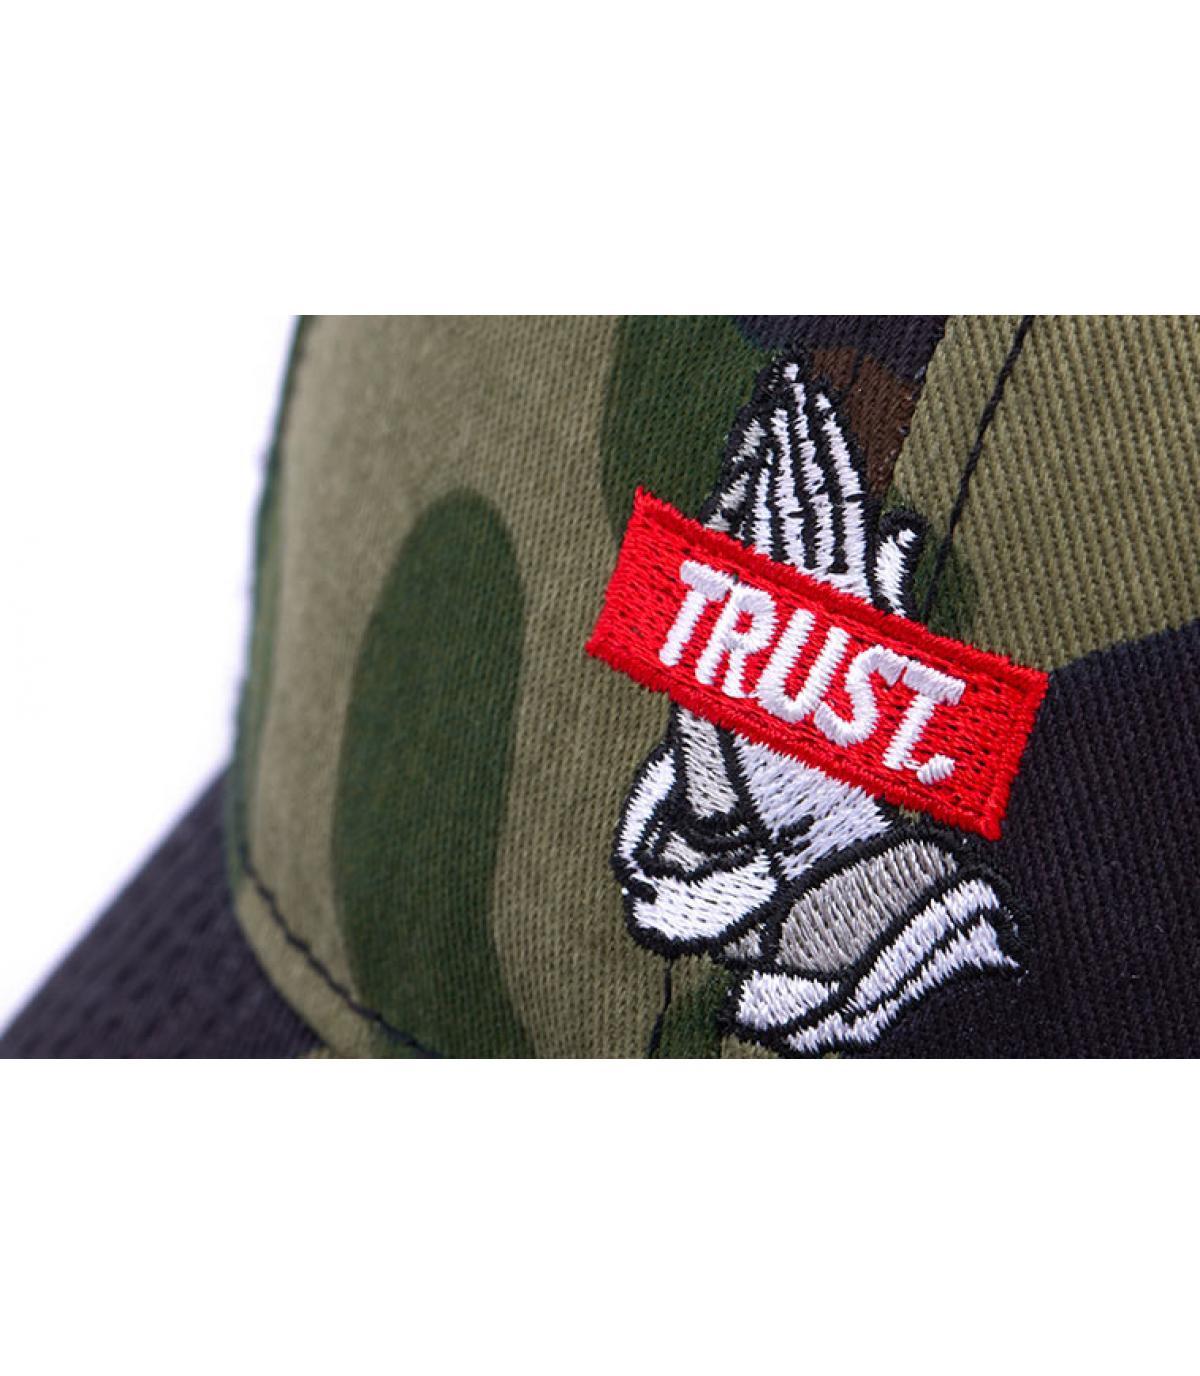 Détails Trust Curved Camo - image 5